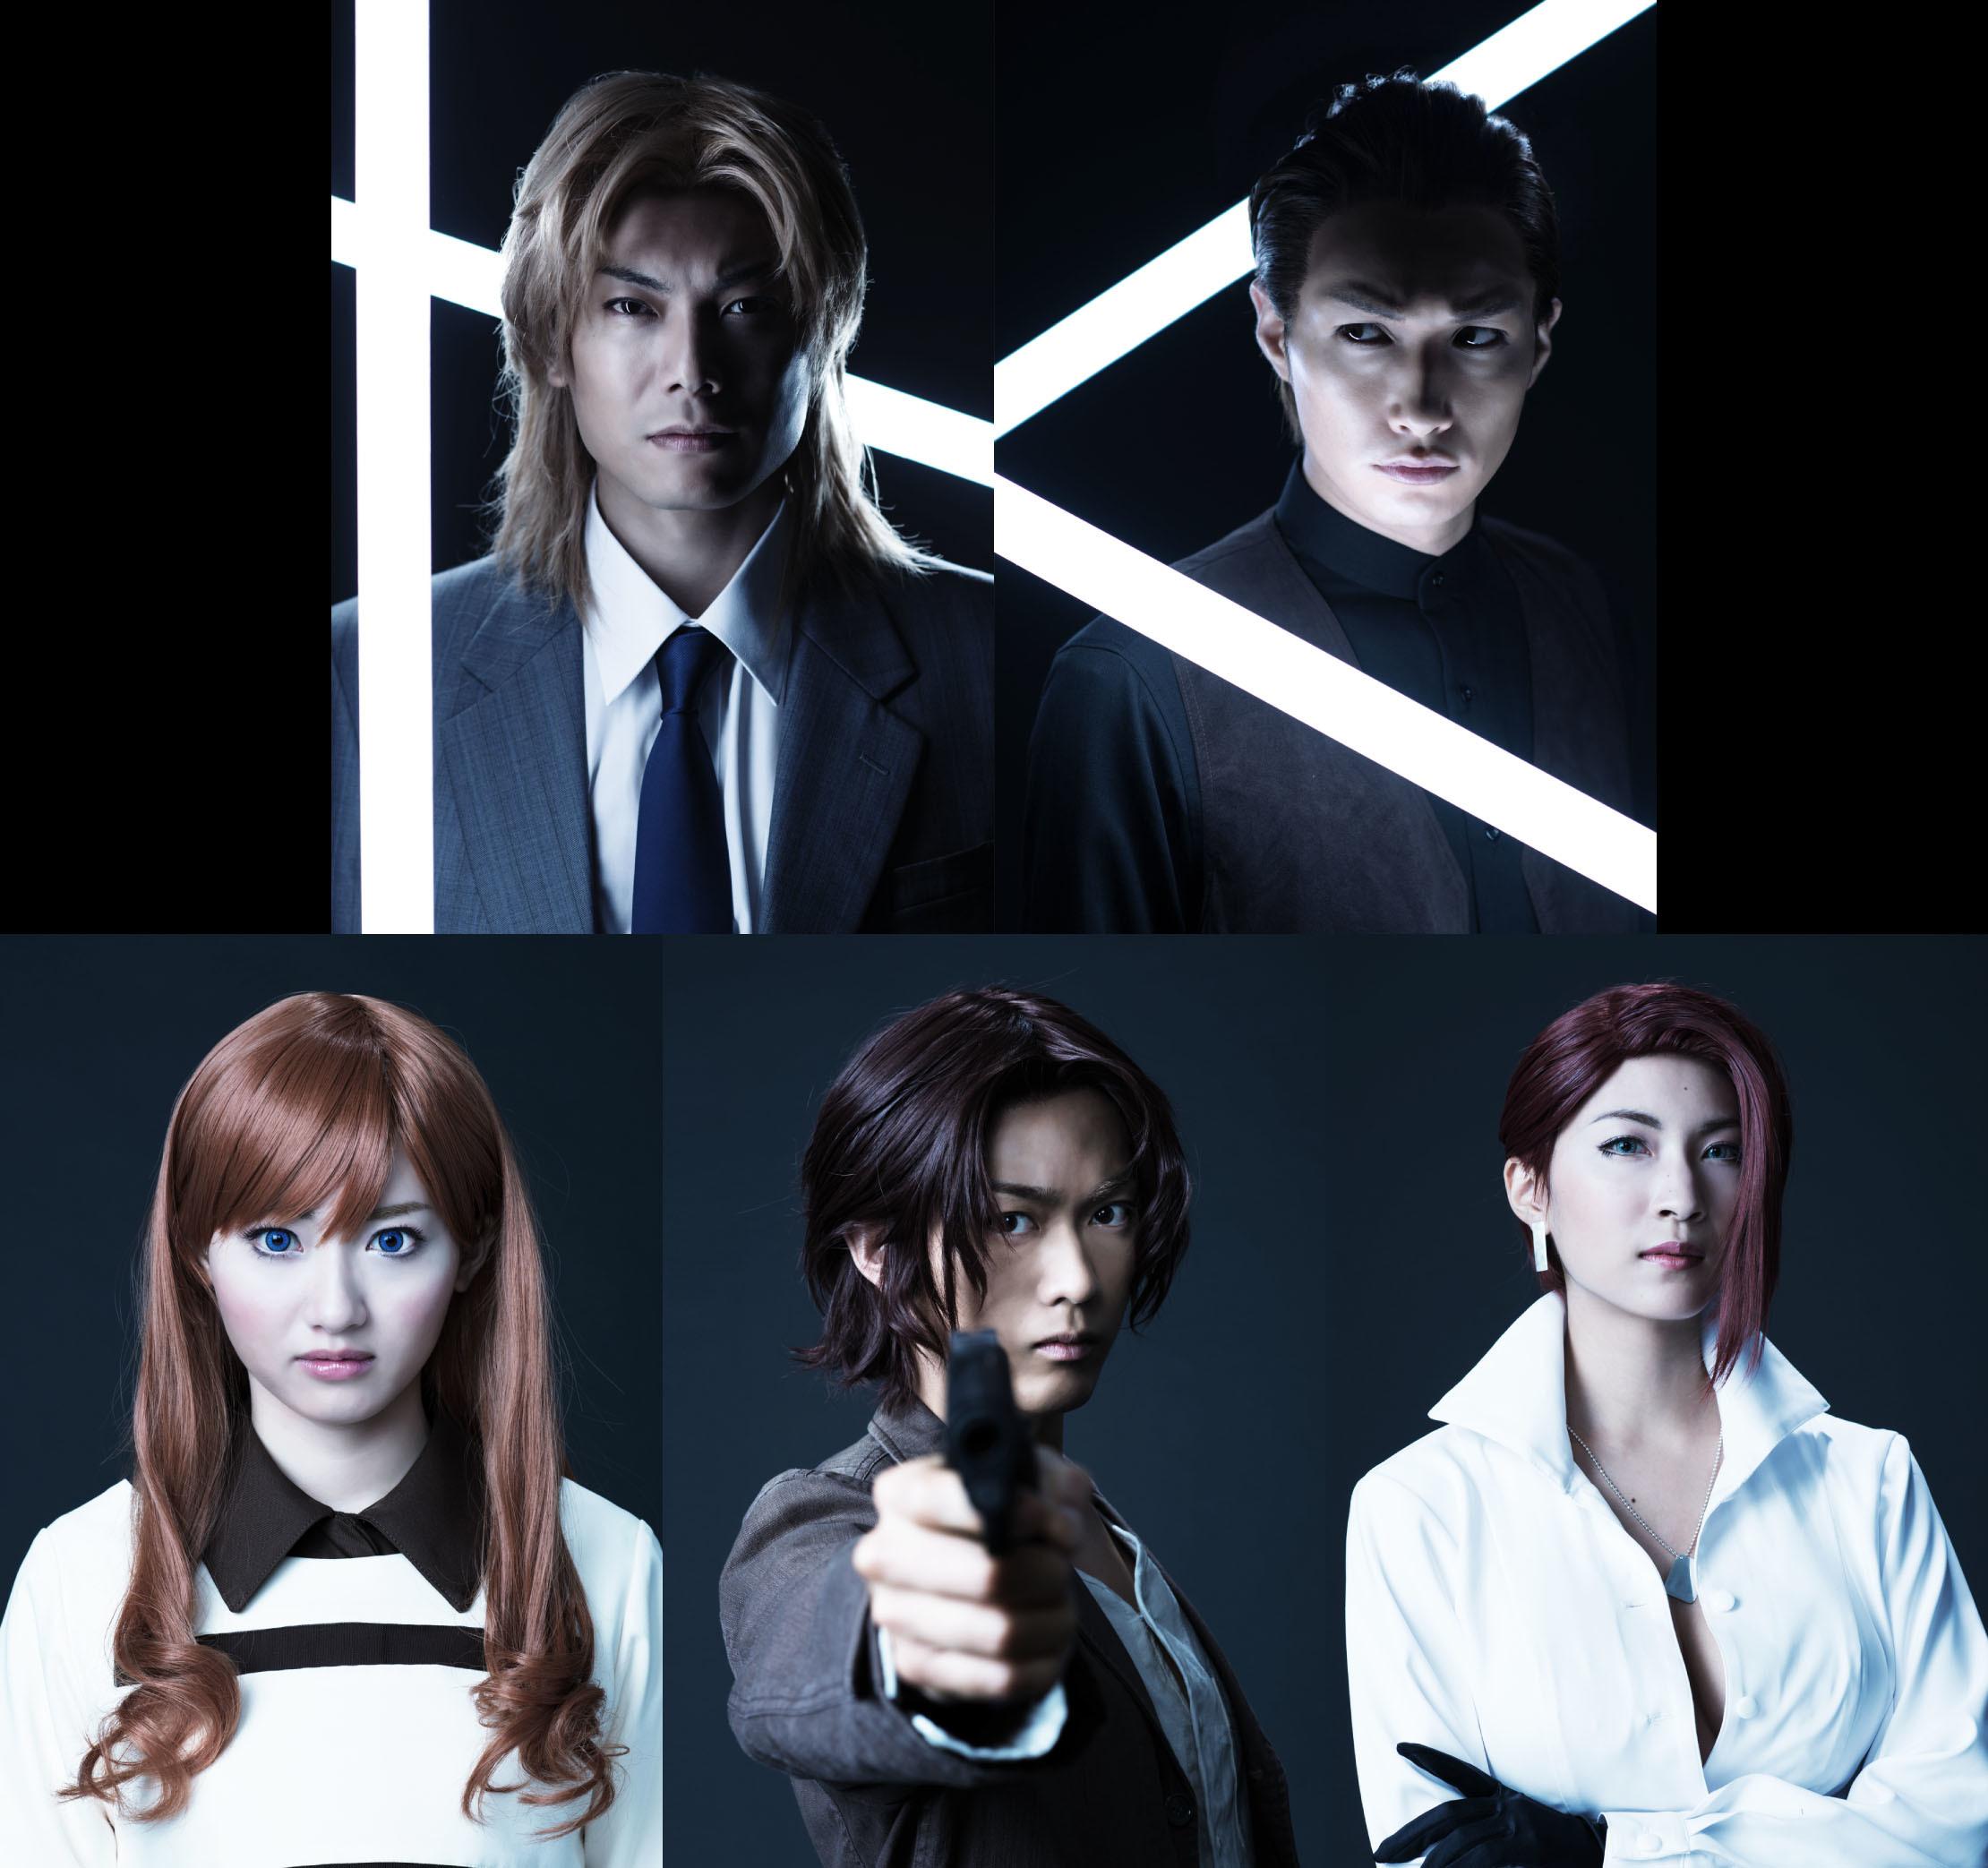 5キャラが発表された「攻殻機動隊ARISE:GHOST is ALIVE」 ©士郎正宗・Production I.G/講談社・「攻殻機動隊ARISE」製作委員会